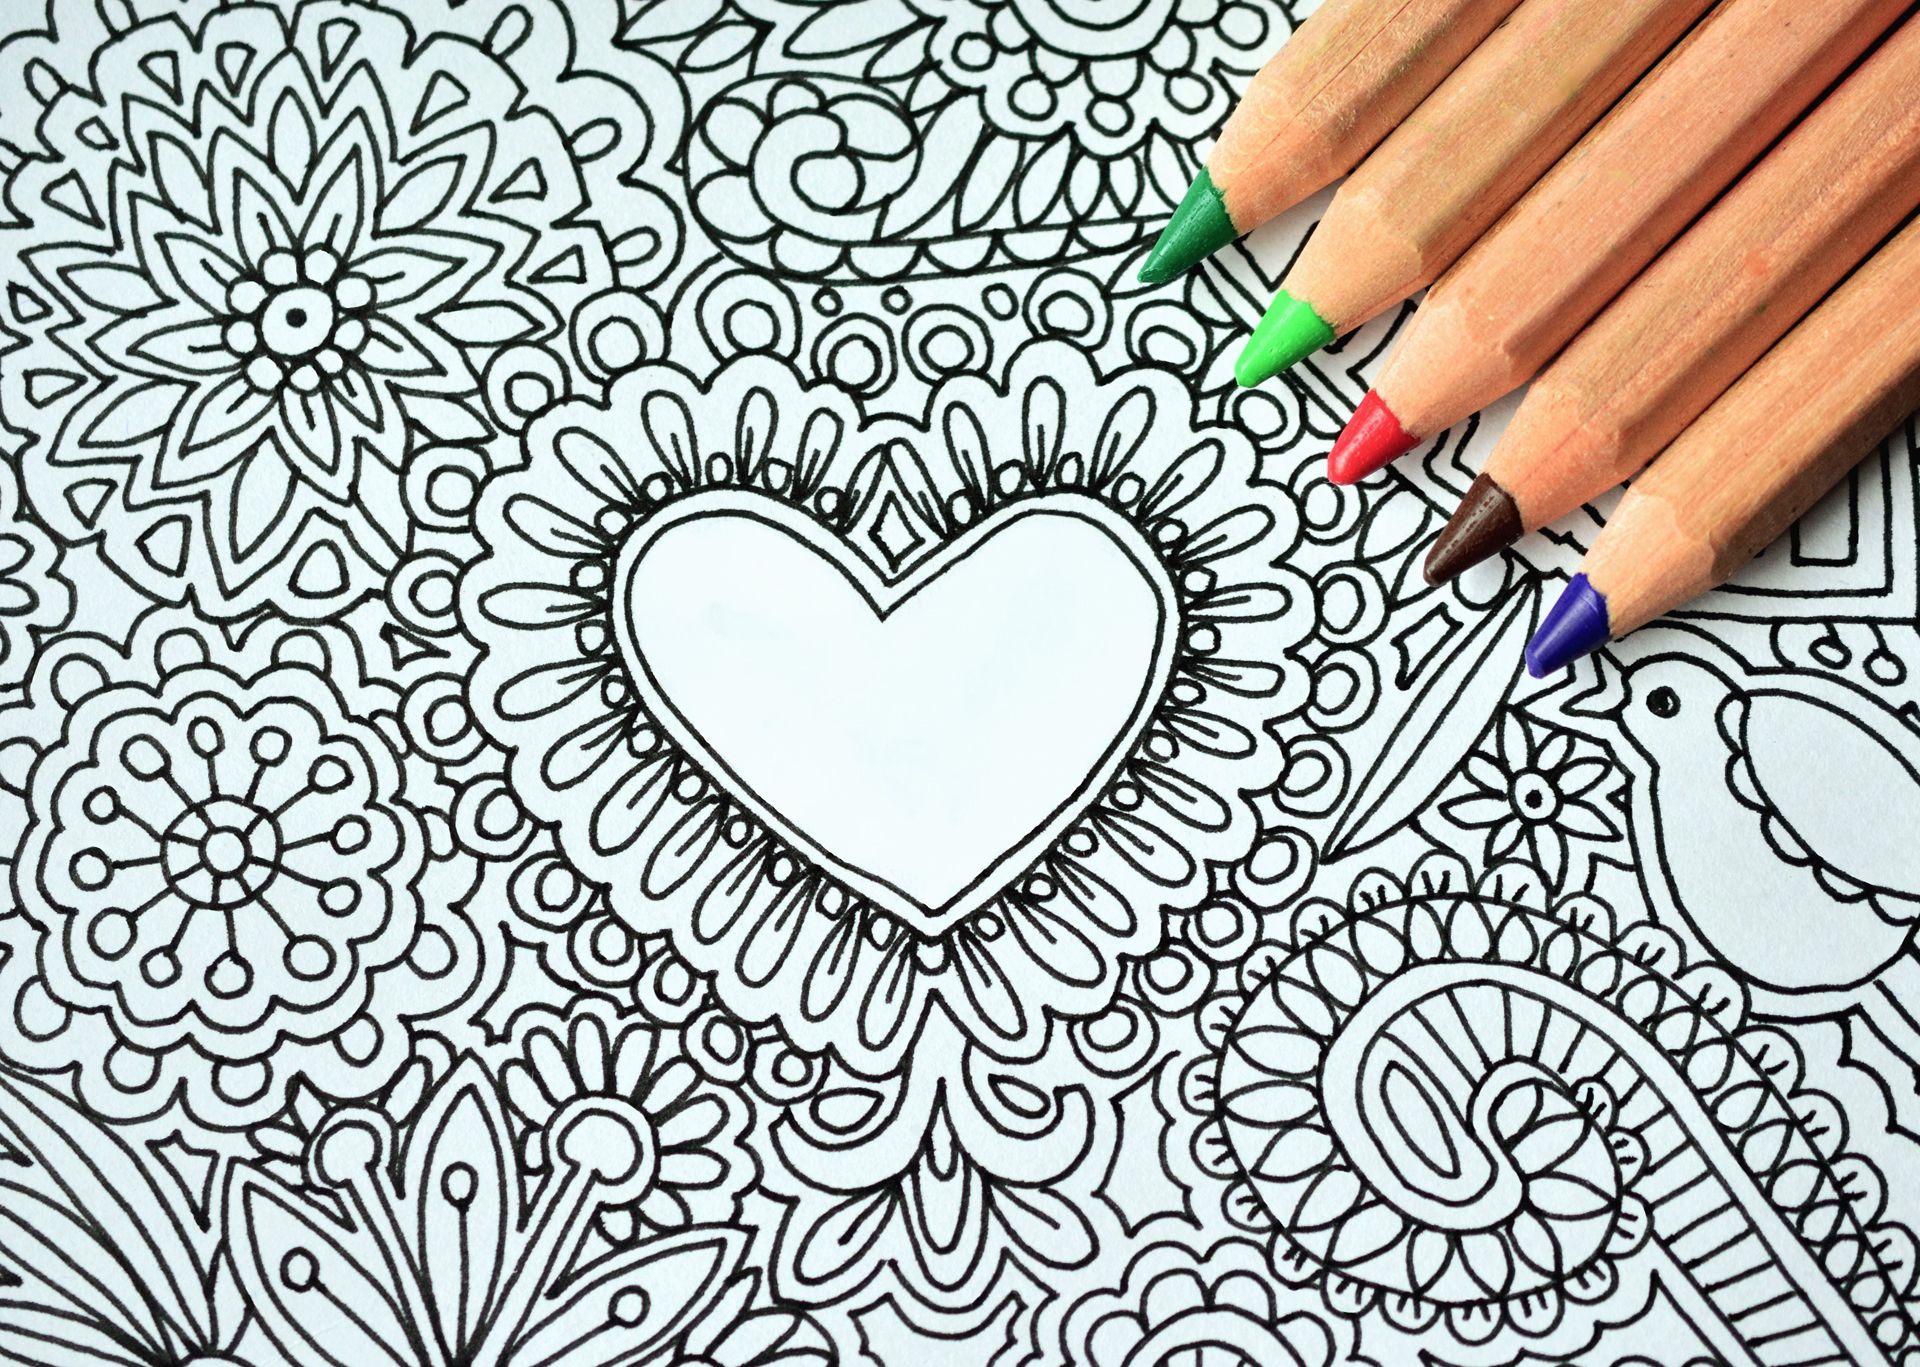 coloring page pencils